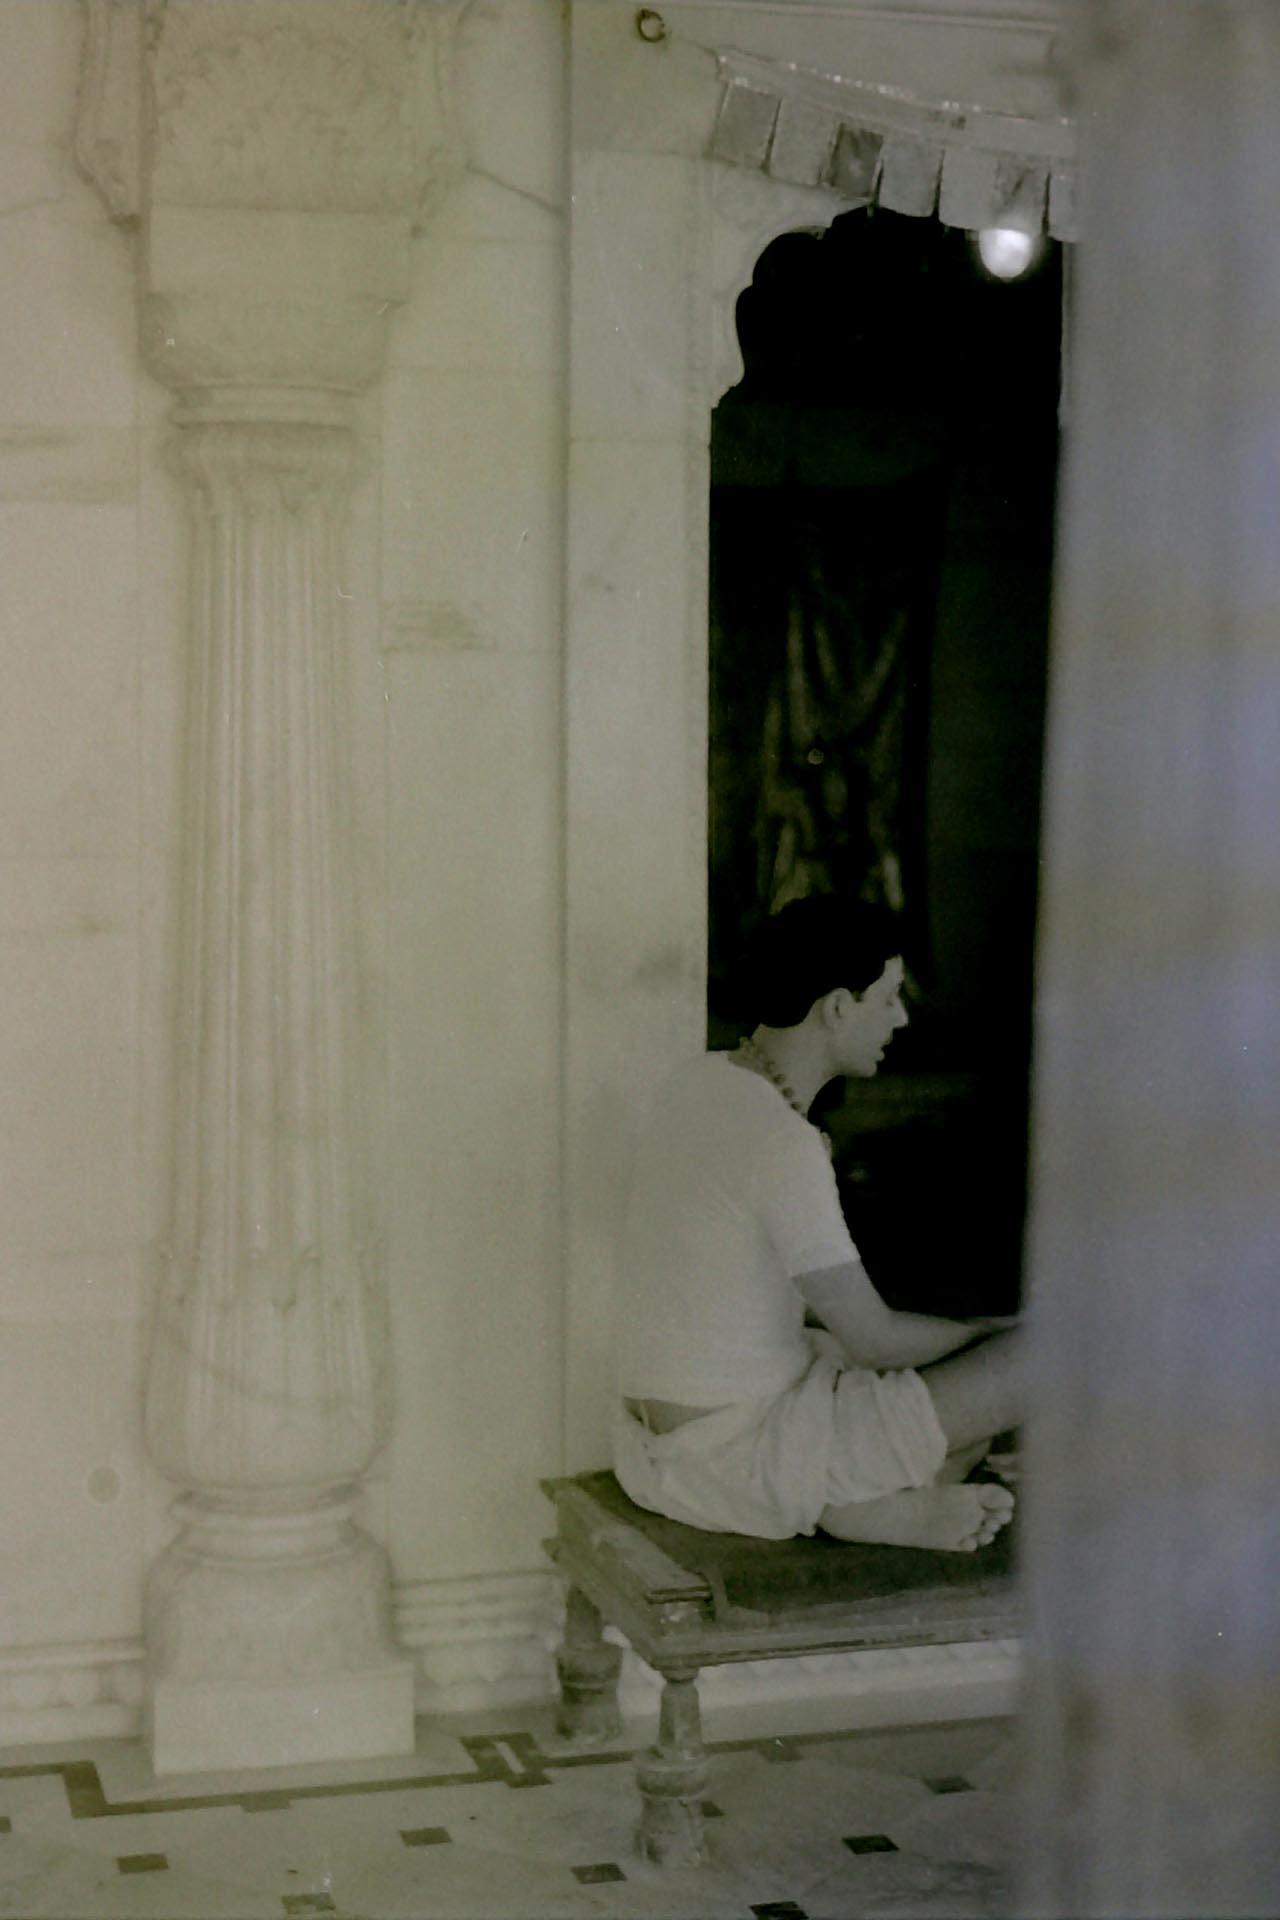 036-Bramino che prega nel Tempio,India 1990